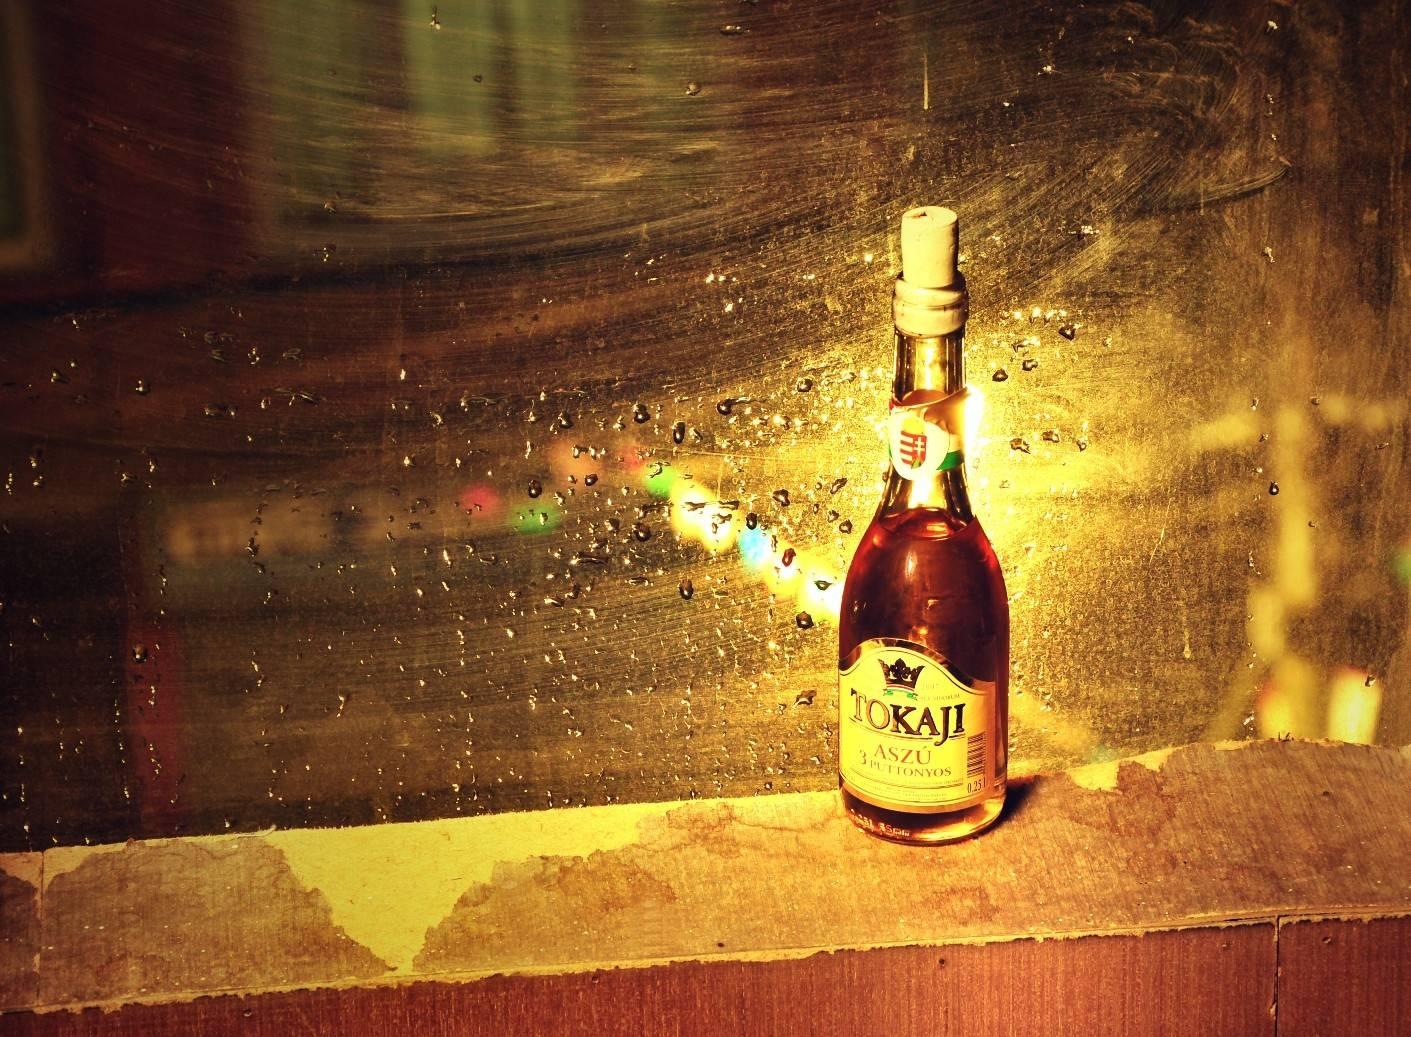 serie grandes marcas tokaji sugar baby daddy mundo relacionamento casal luxo vinho